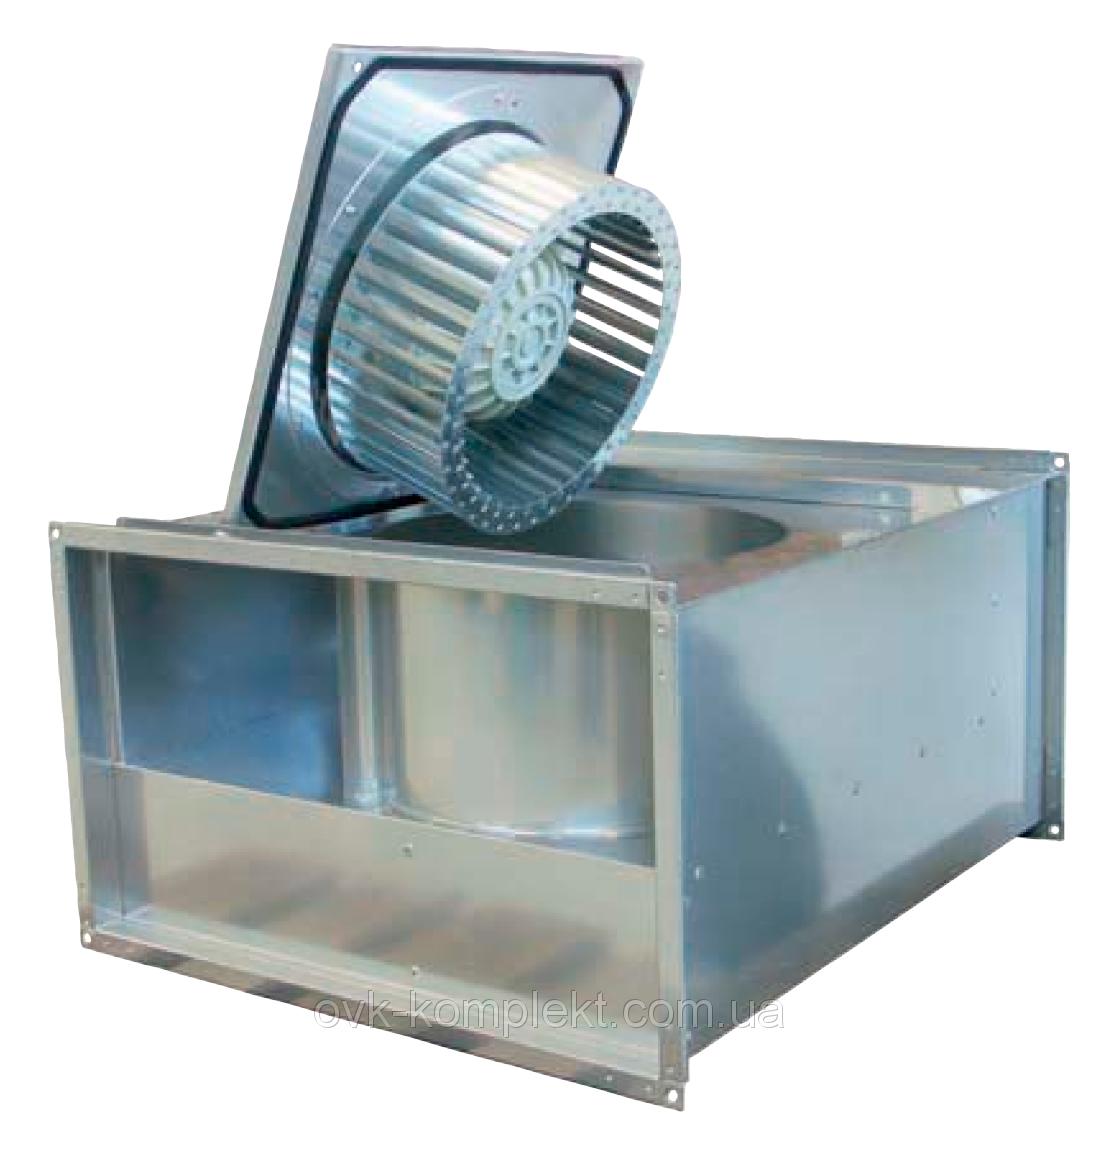 Systemair KT 60-30-6 - Вентилятор для прямоугольных каналов